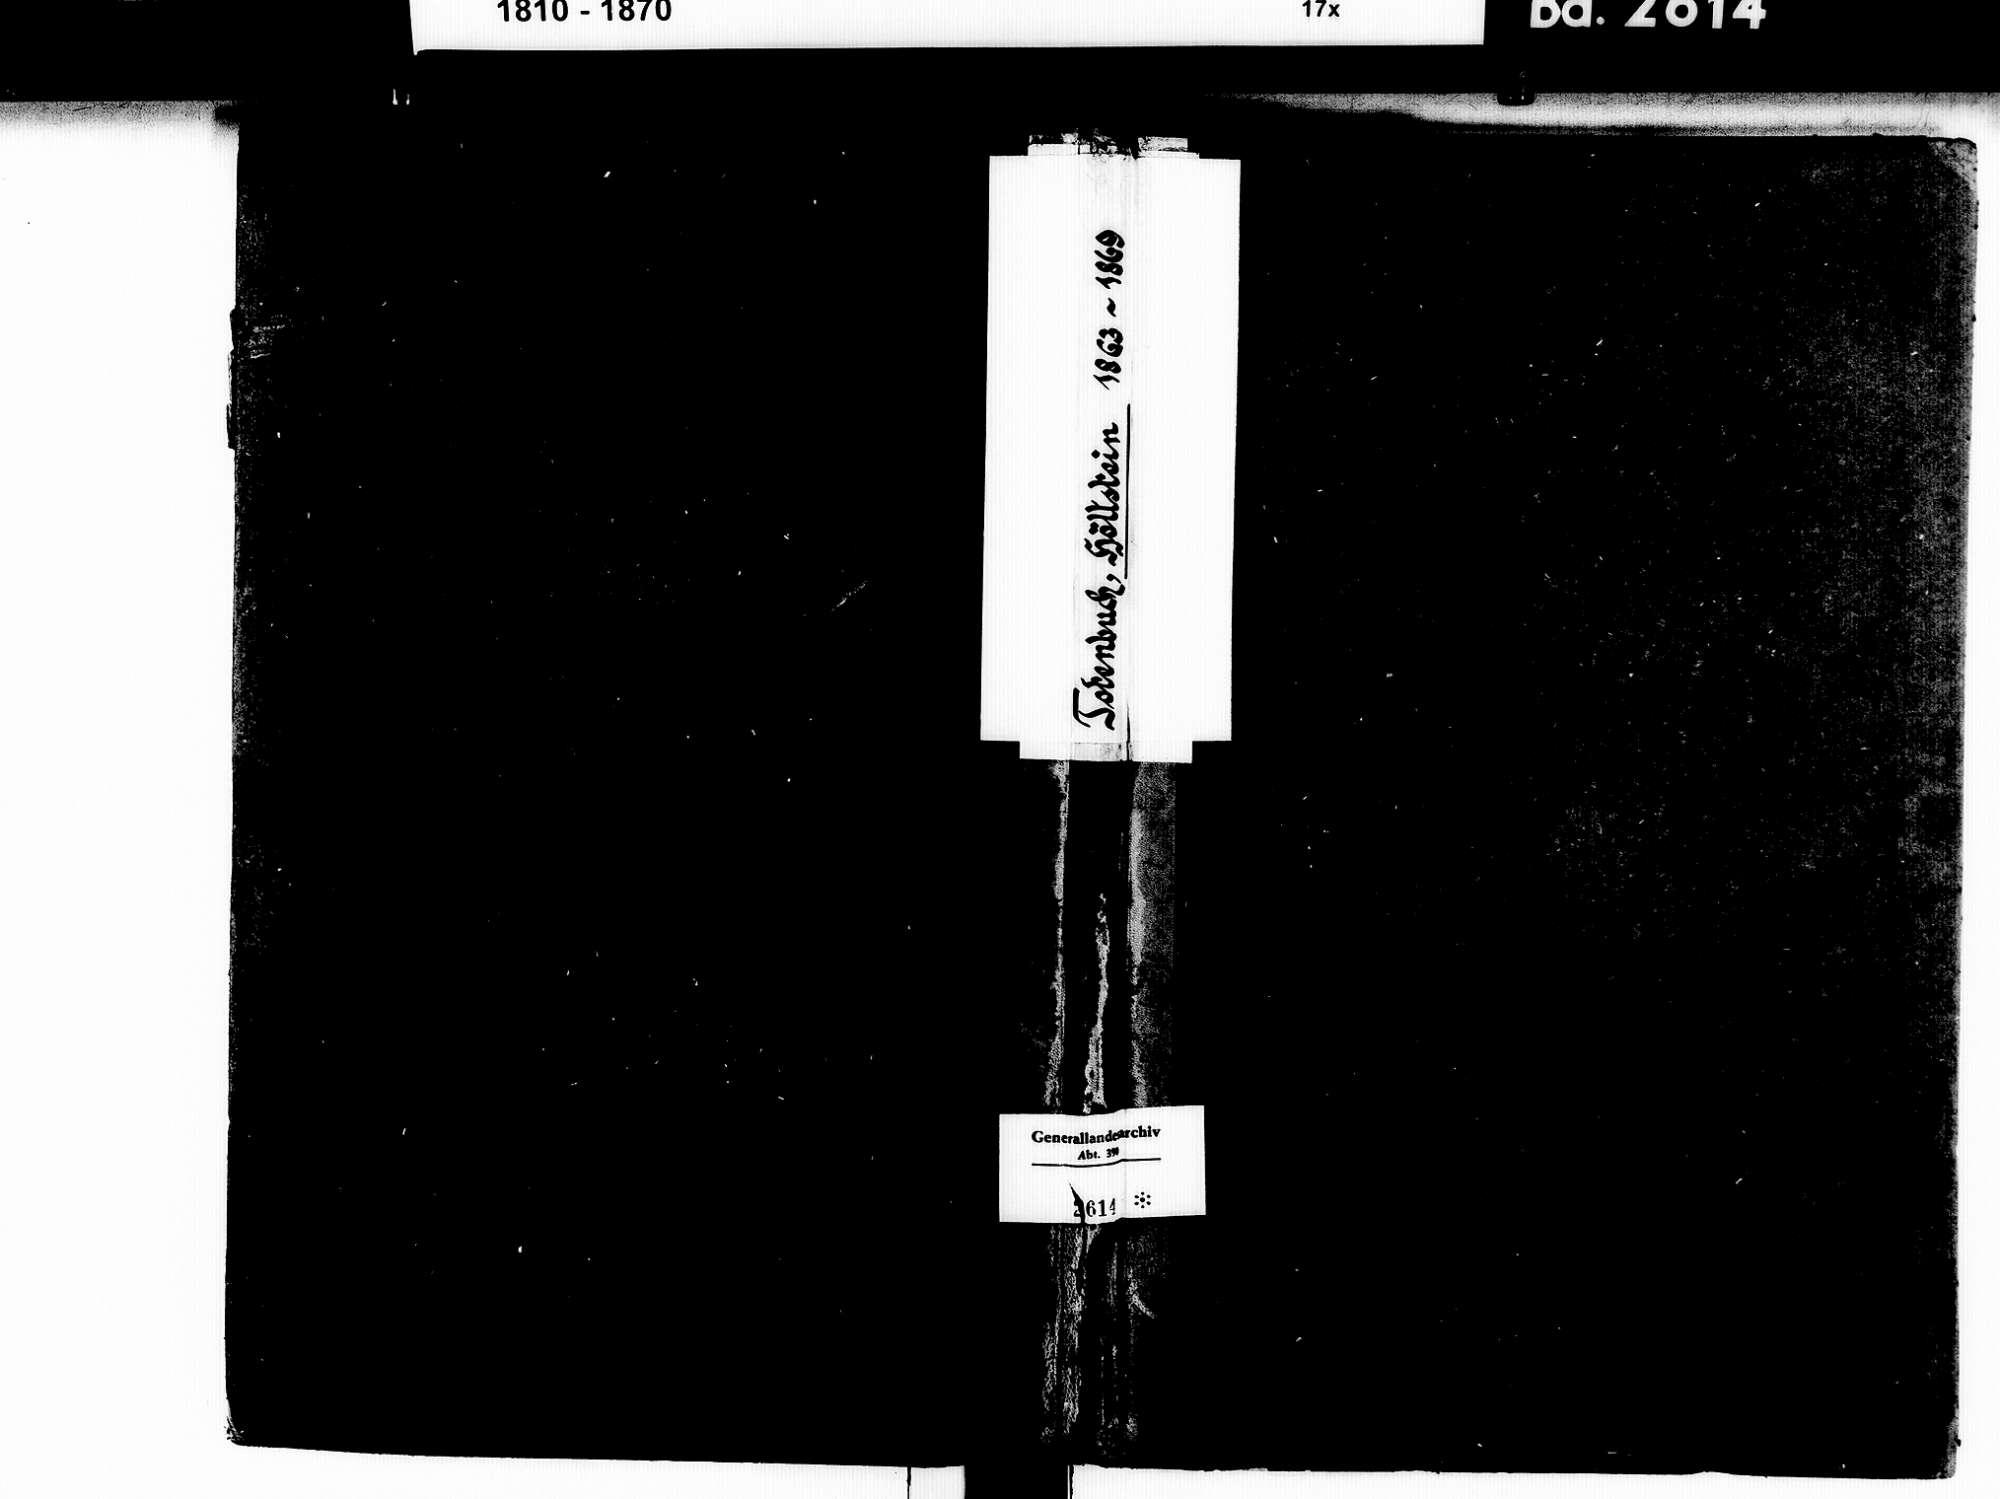 Höllstein, Steinen LÖ; Evangelische Gemeinde: Sterbebuch 1863-1869 Enthält: Einzelne Katholische Einträge, Bild 1